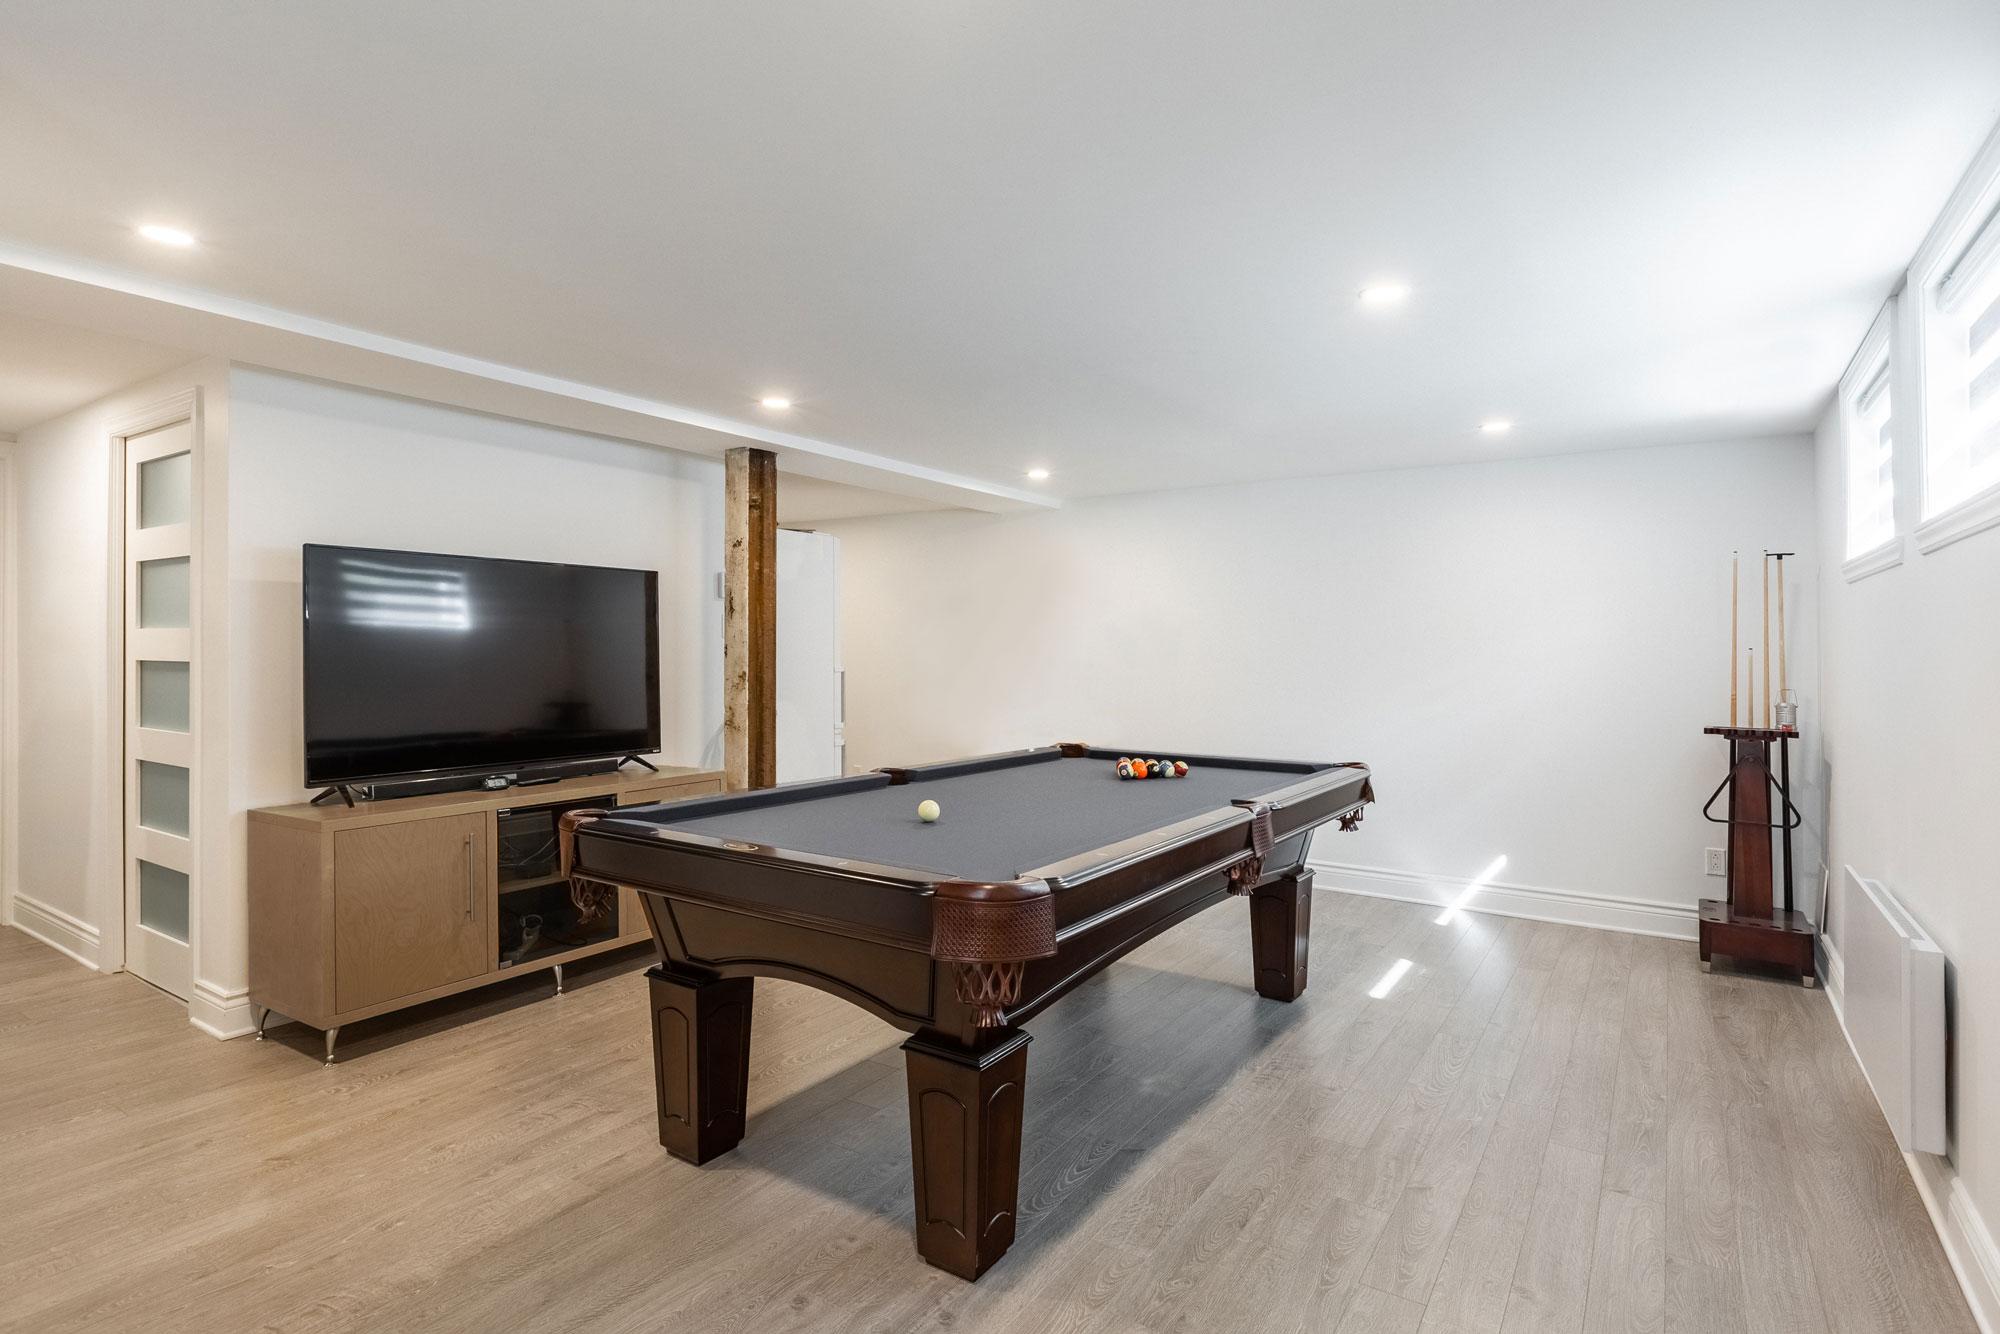 rénovation de sous-sol avec table de billard et téléviseur